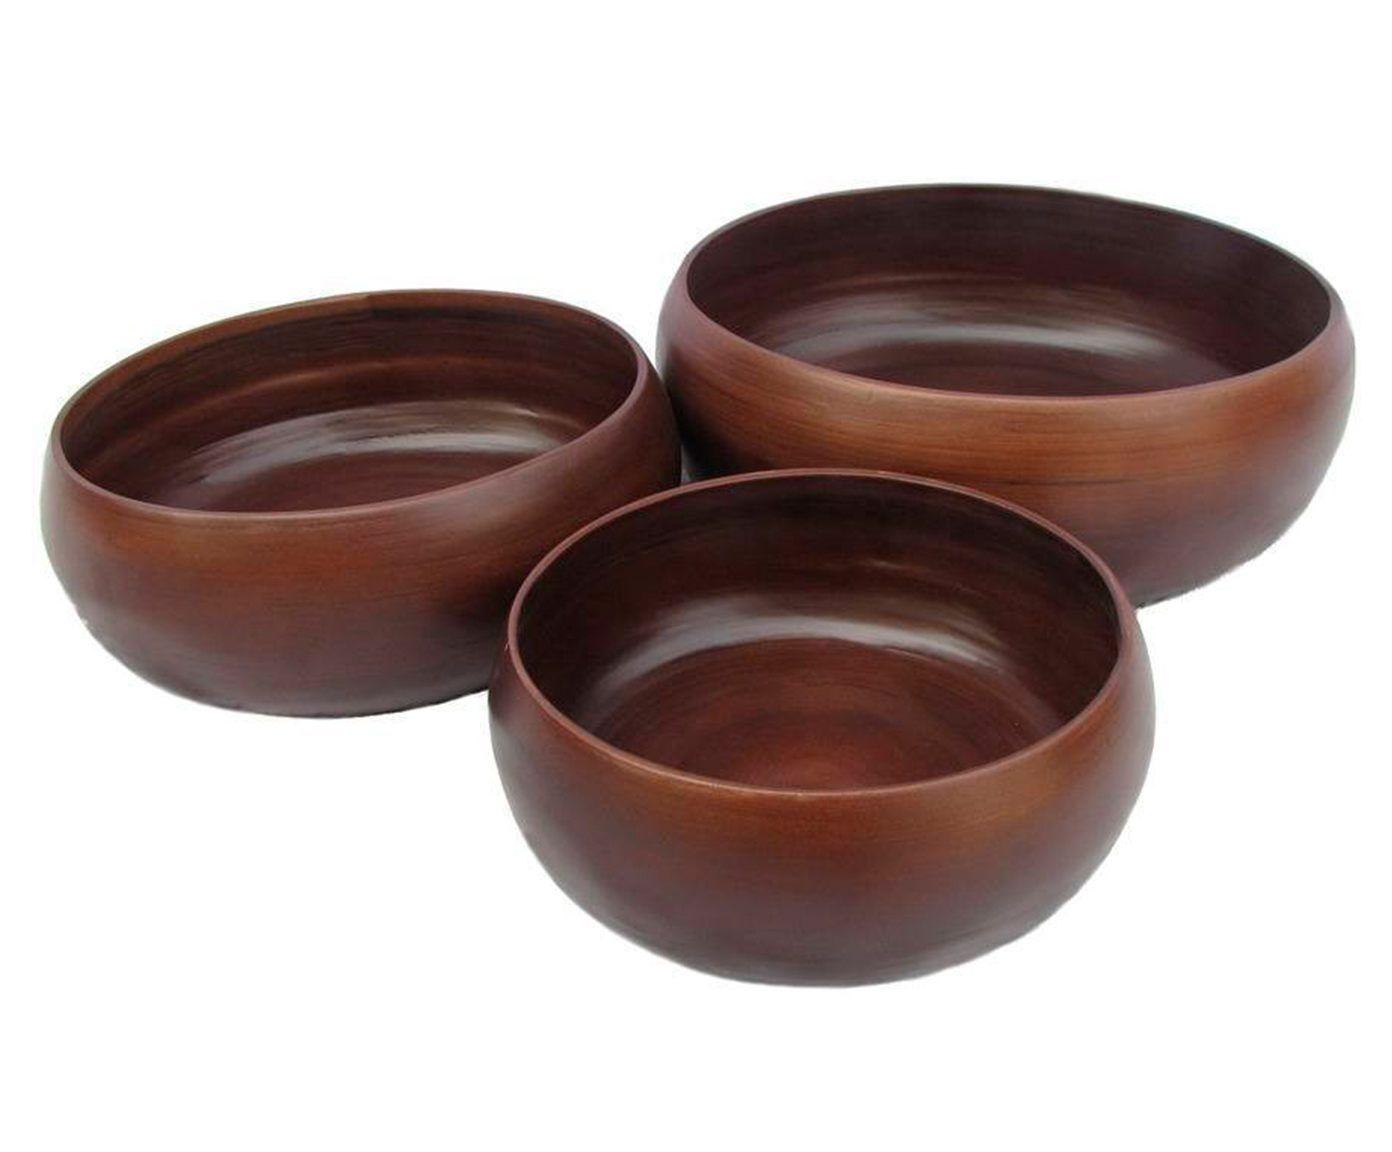 Conjunto de bowls nature kitch   Westwing.com.br